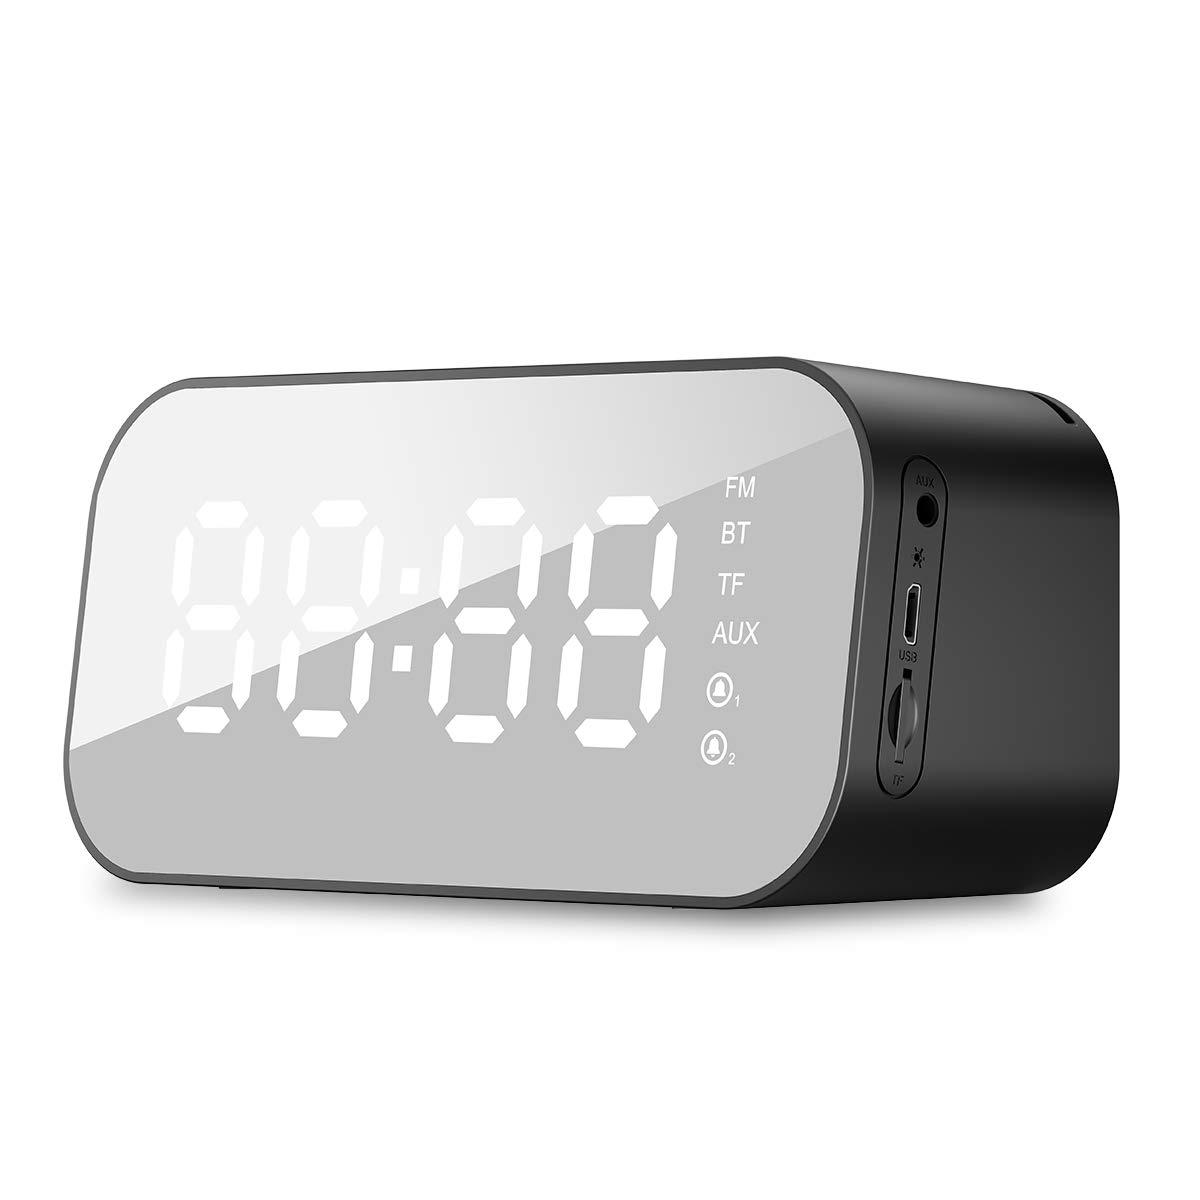 HAVIT Reloj Despertador Digital Altavoz Bluetooth,5.6 Temperatura de Temperatura LED, Alarma Doble, 3 Brillo Puede ser Ajustado, ...